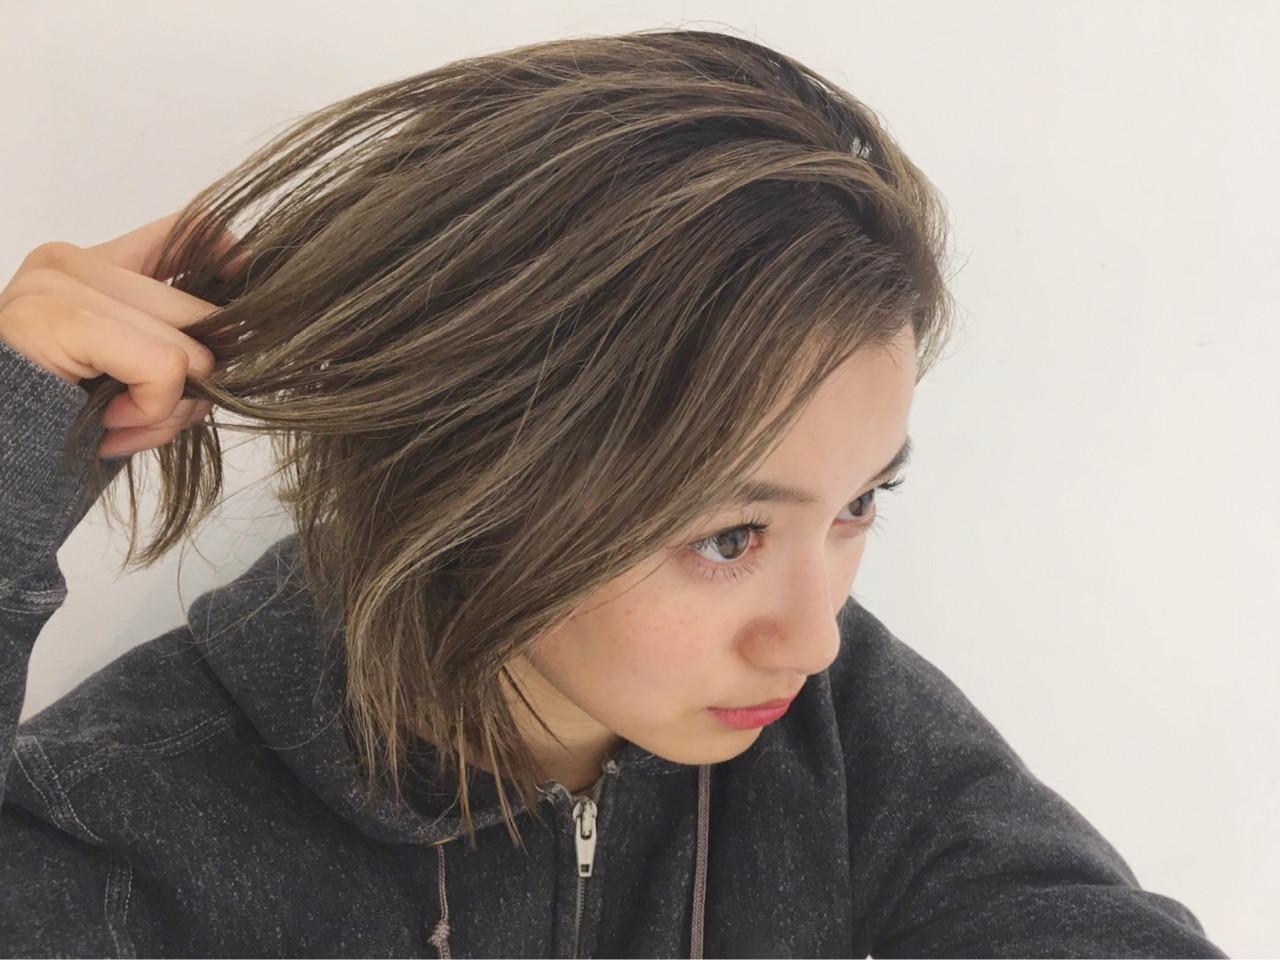 アッシュカラー→金髪?過程を楽しむのもあり 中島 潮里 / LOAVE